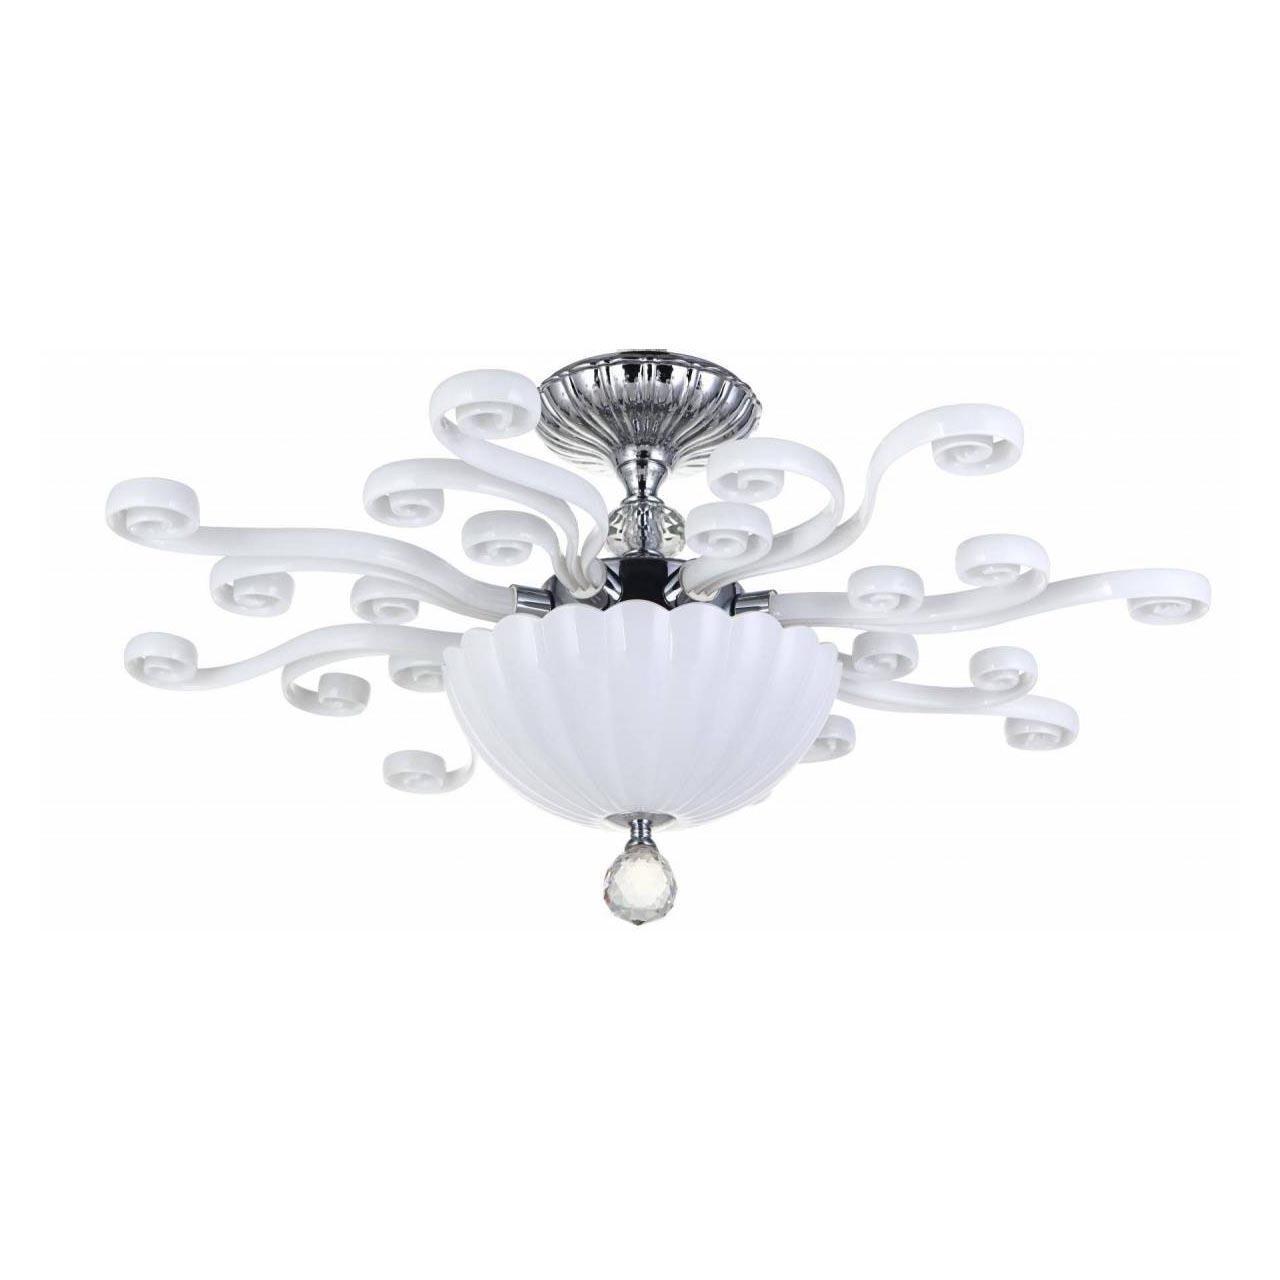 Потолочный светильник Divinare Albedo 8819/03 PL-3 divinare потолочный светильник divinare biscotto 4005 01 pl 3